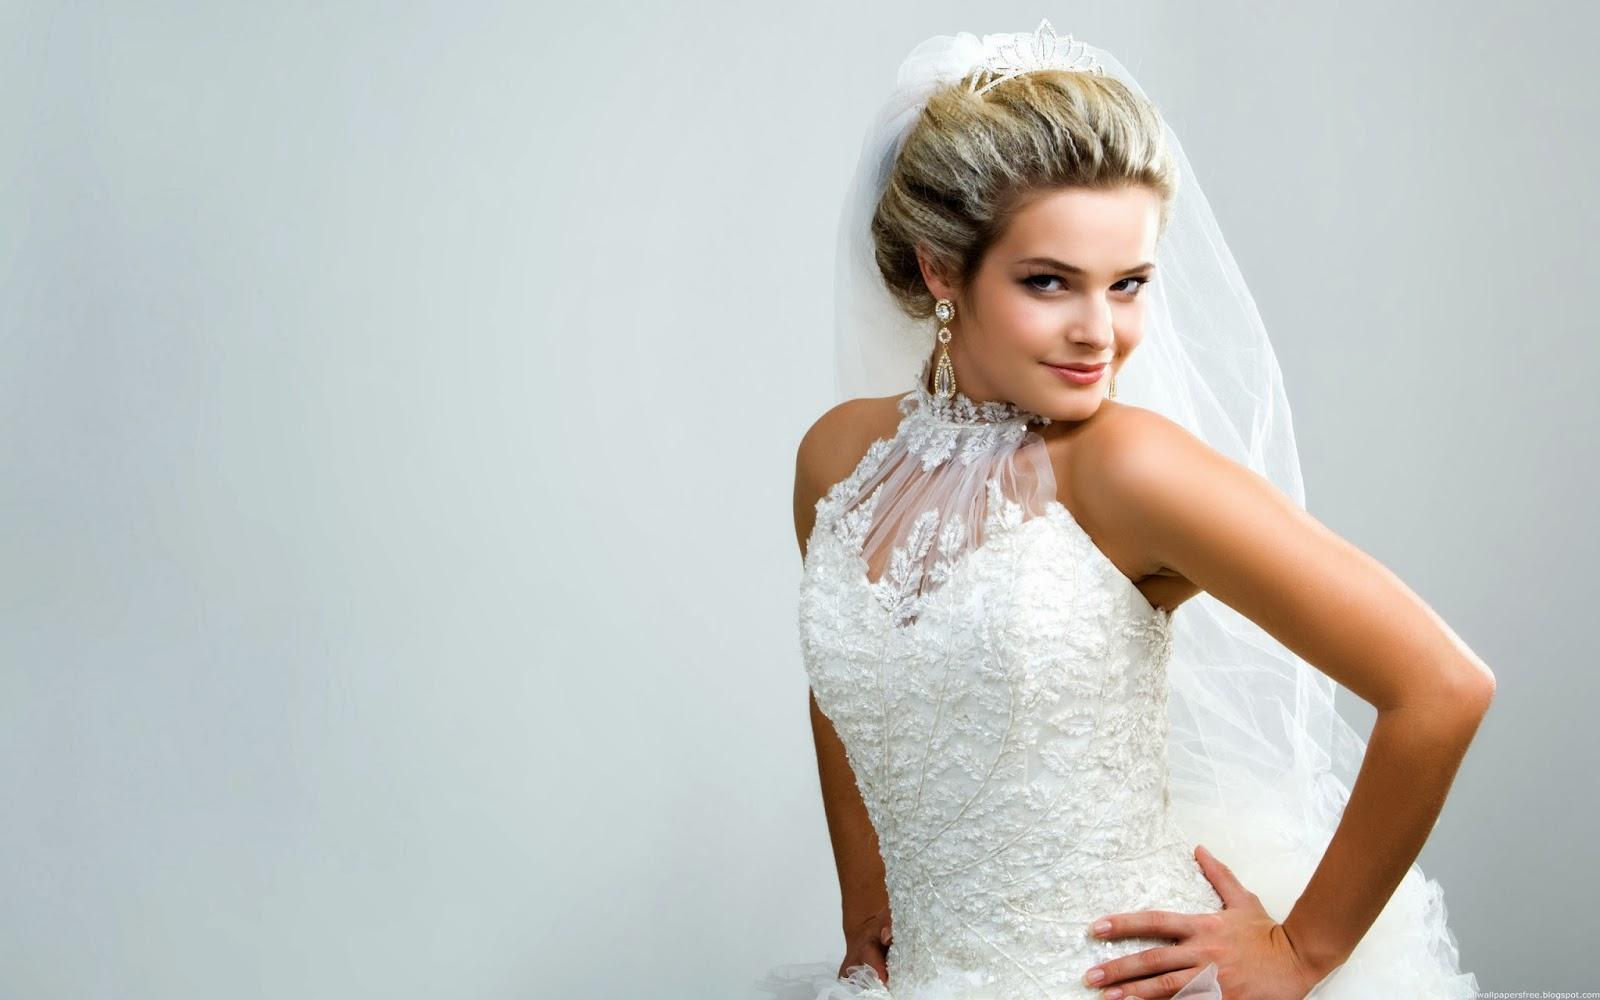 Are Bride 68